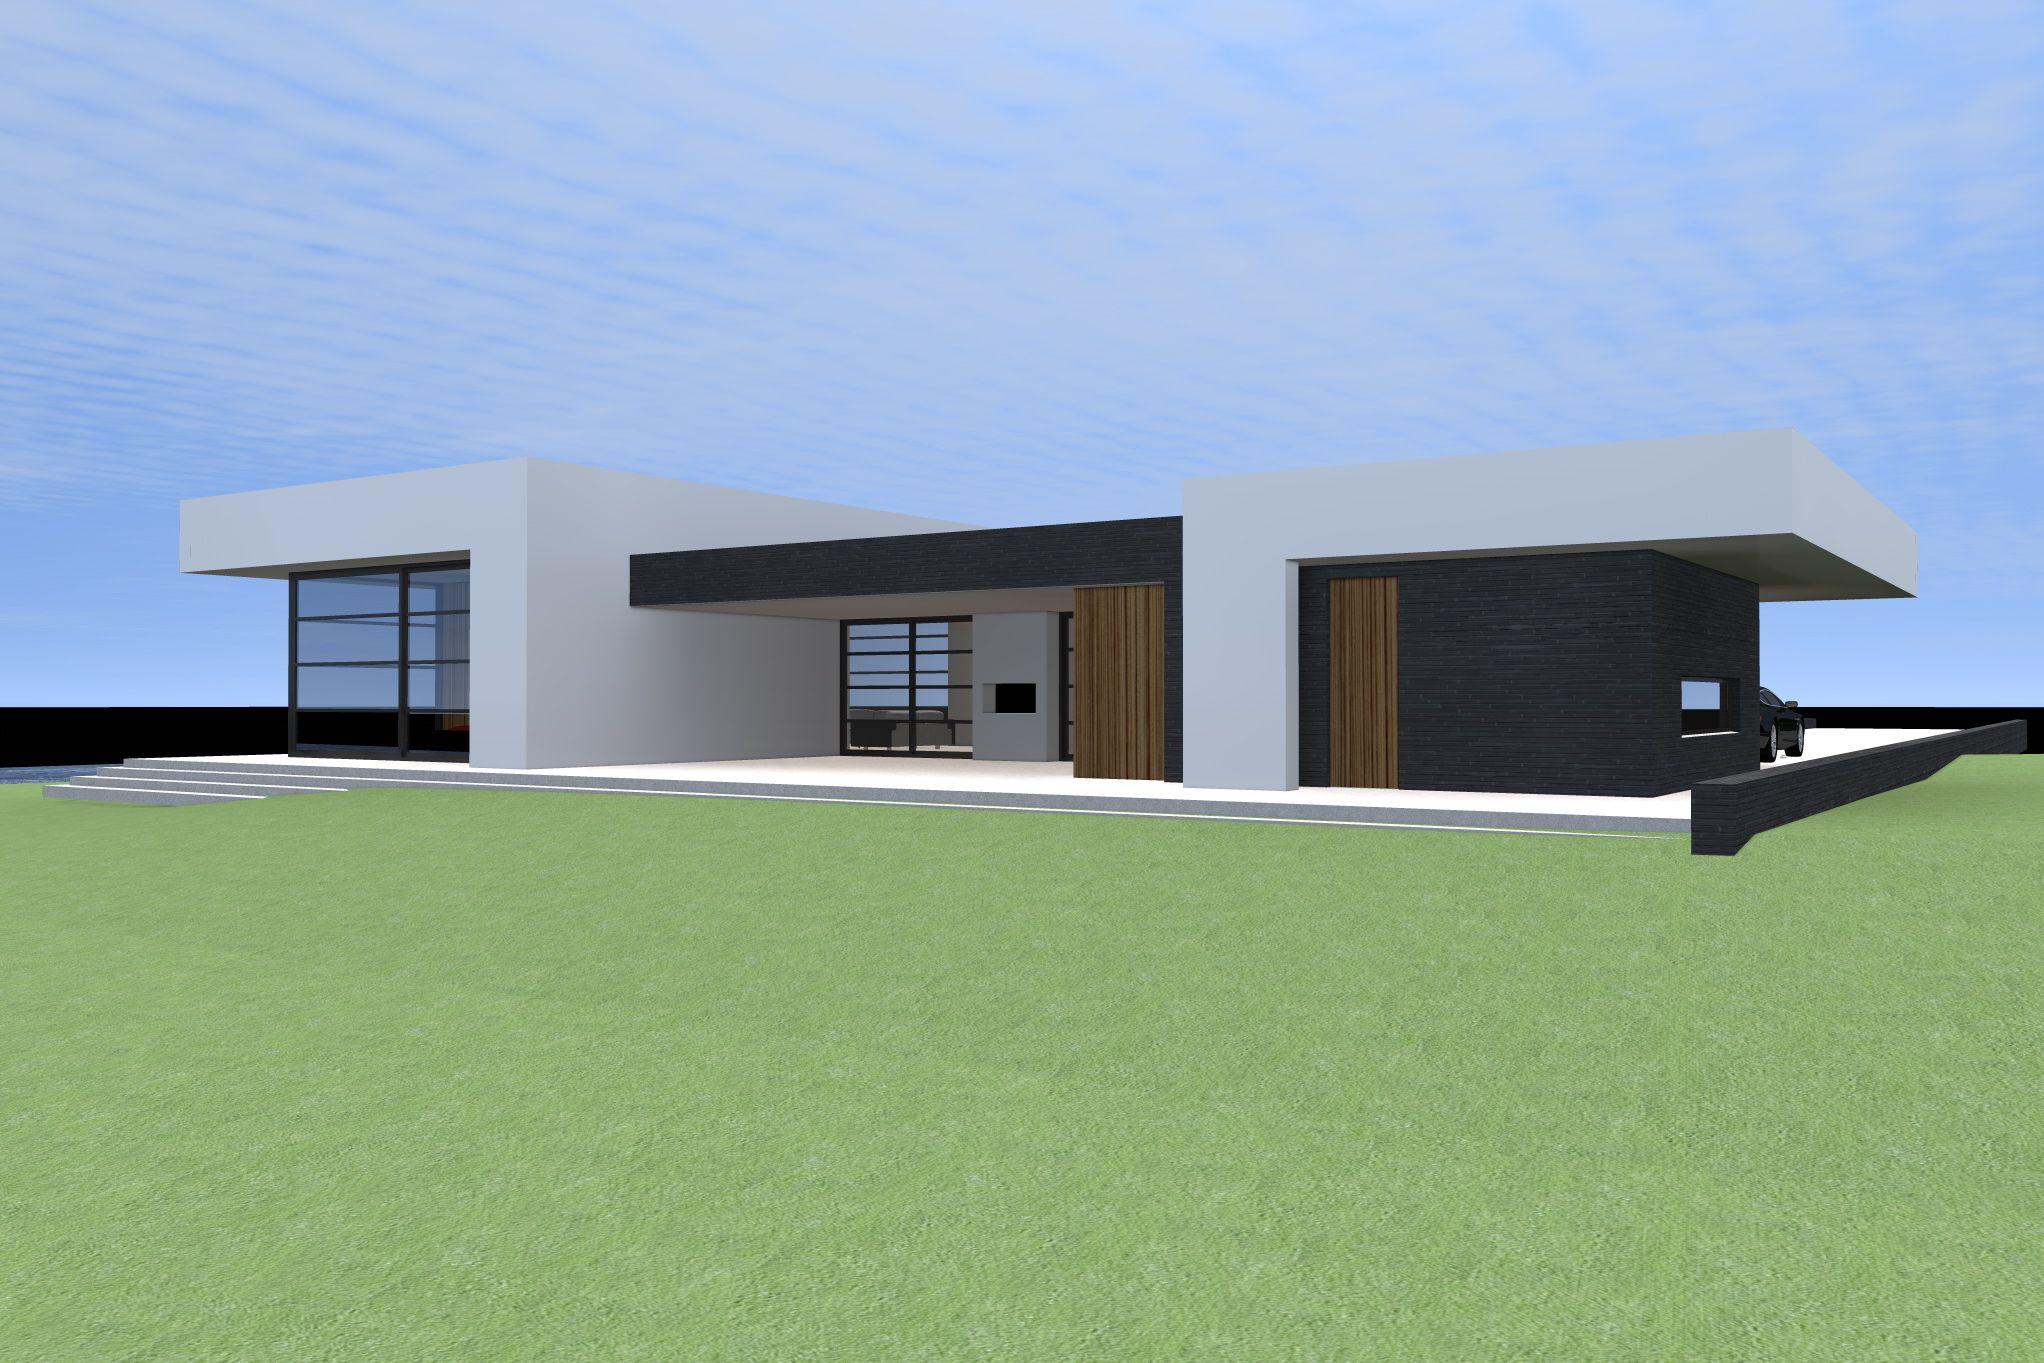 moderne bungalow - google zoeken | bungalow | pinterest | bungalow - Moderne Bungalows